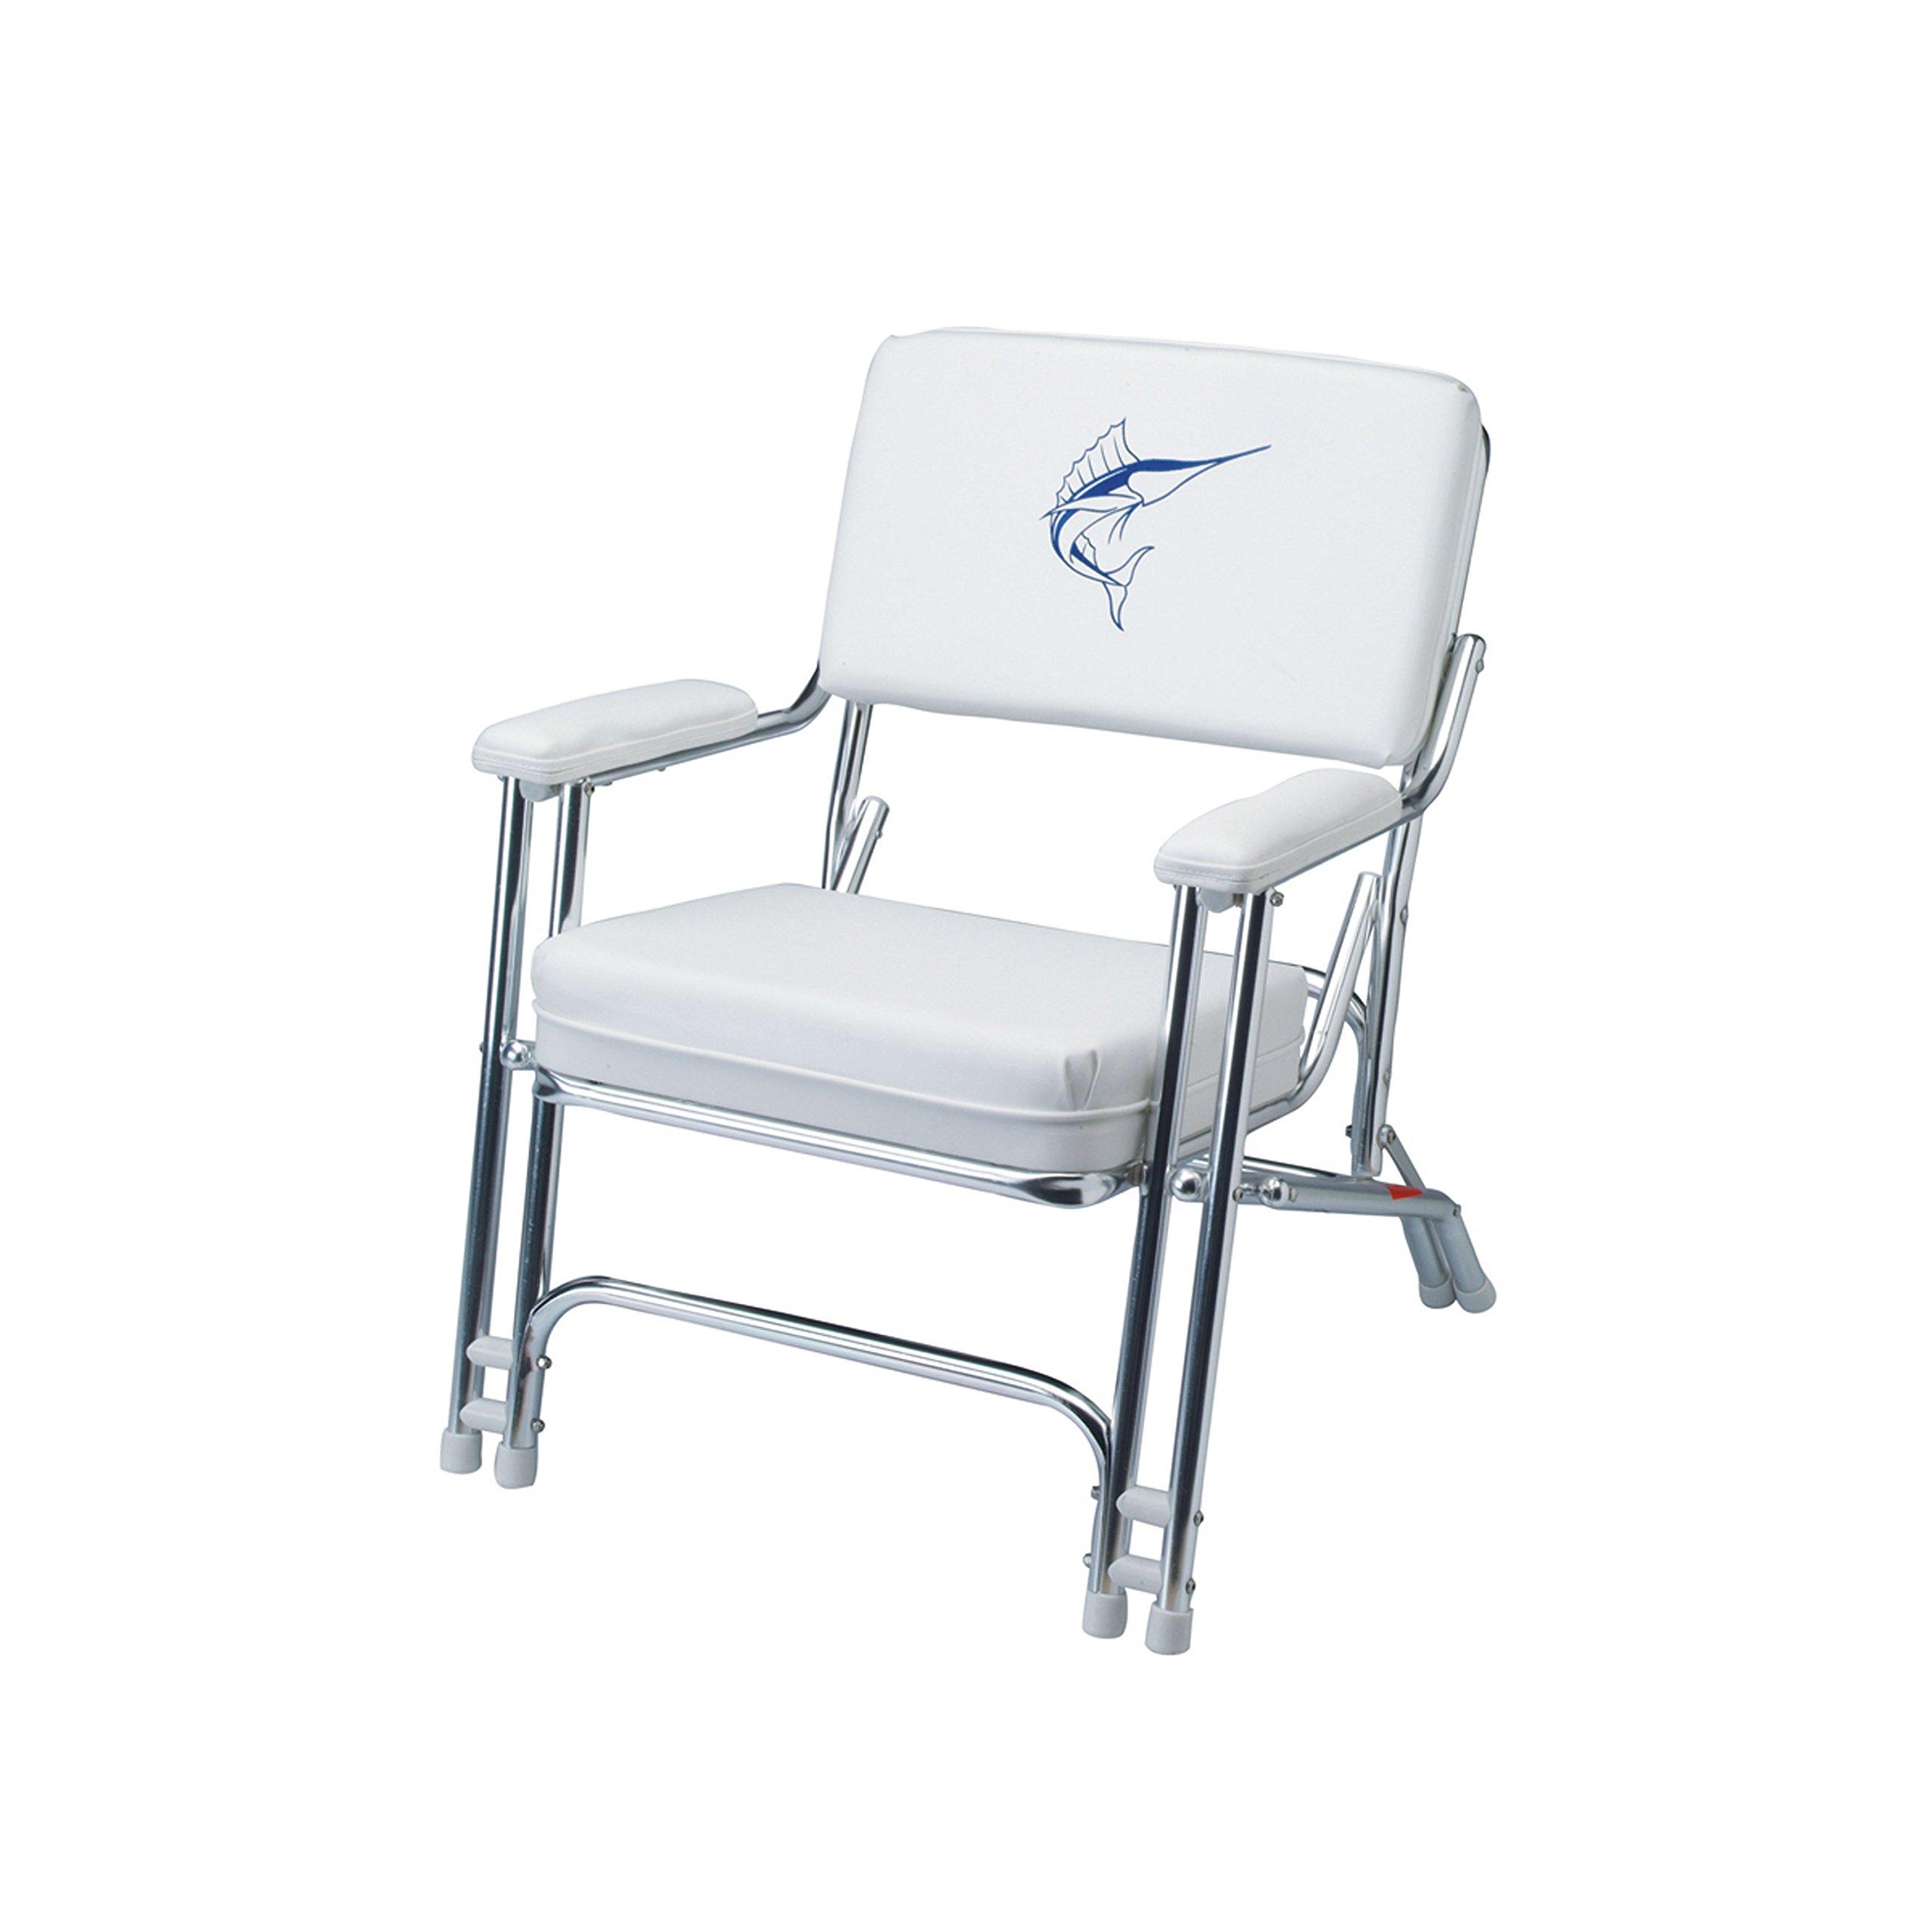 Garelick/Eez-In 48106-61:01 EEz-In Mariner Chair by Garelick/EEz-In